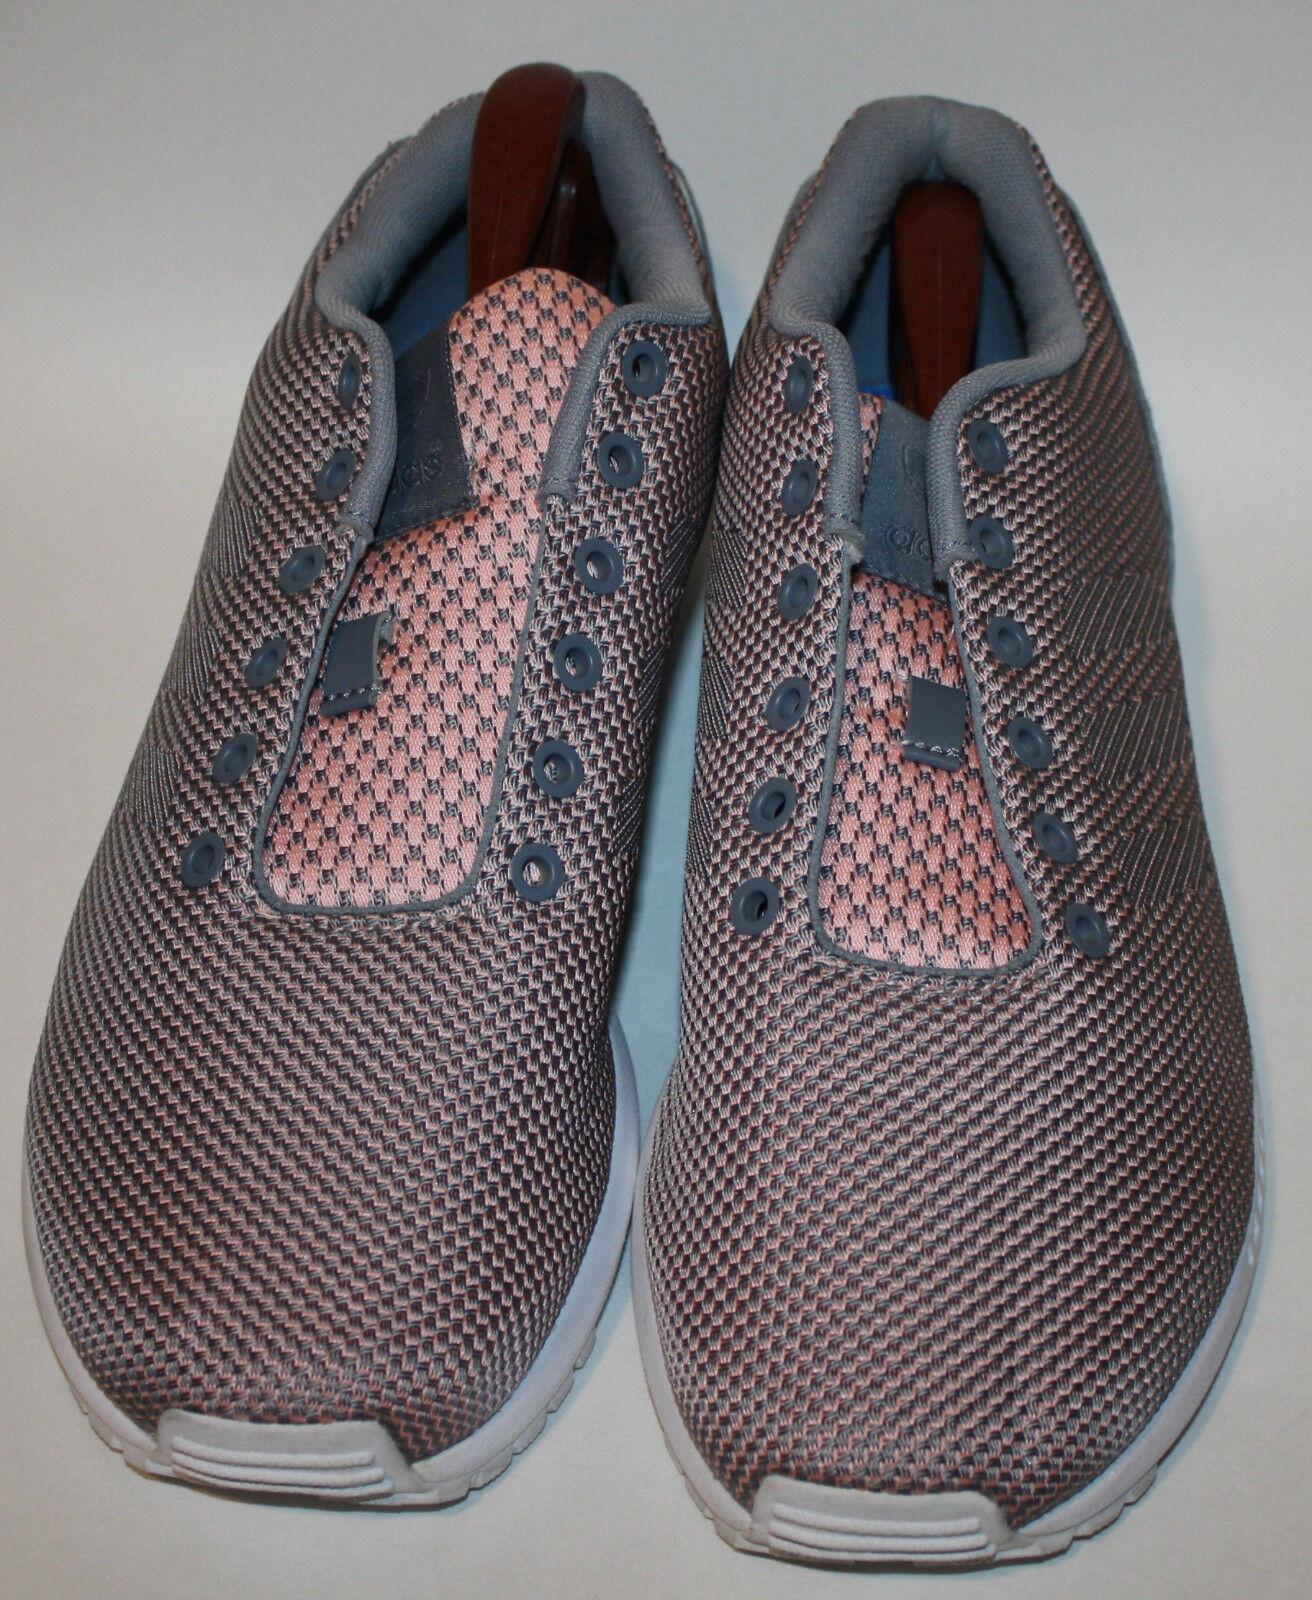 ADIDAS Pink Gray  Shoes Shoes Shoes ZX Flux Torsion   9.5 f04a87